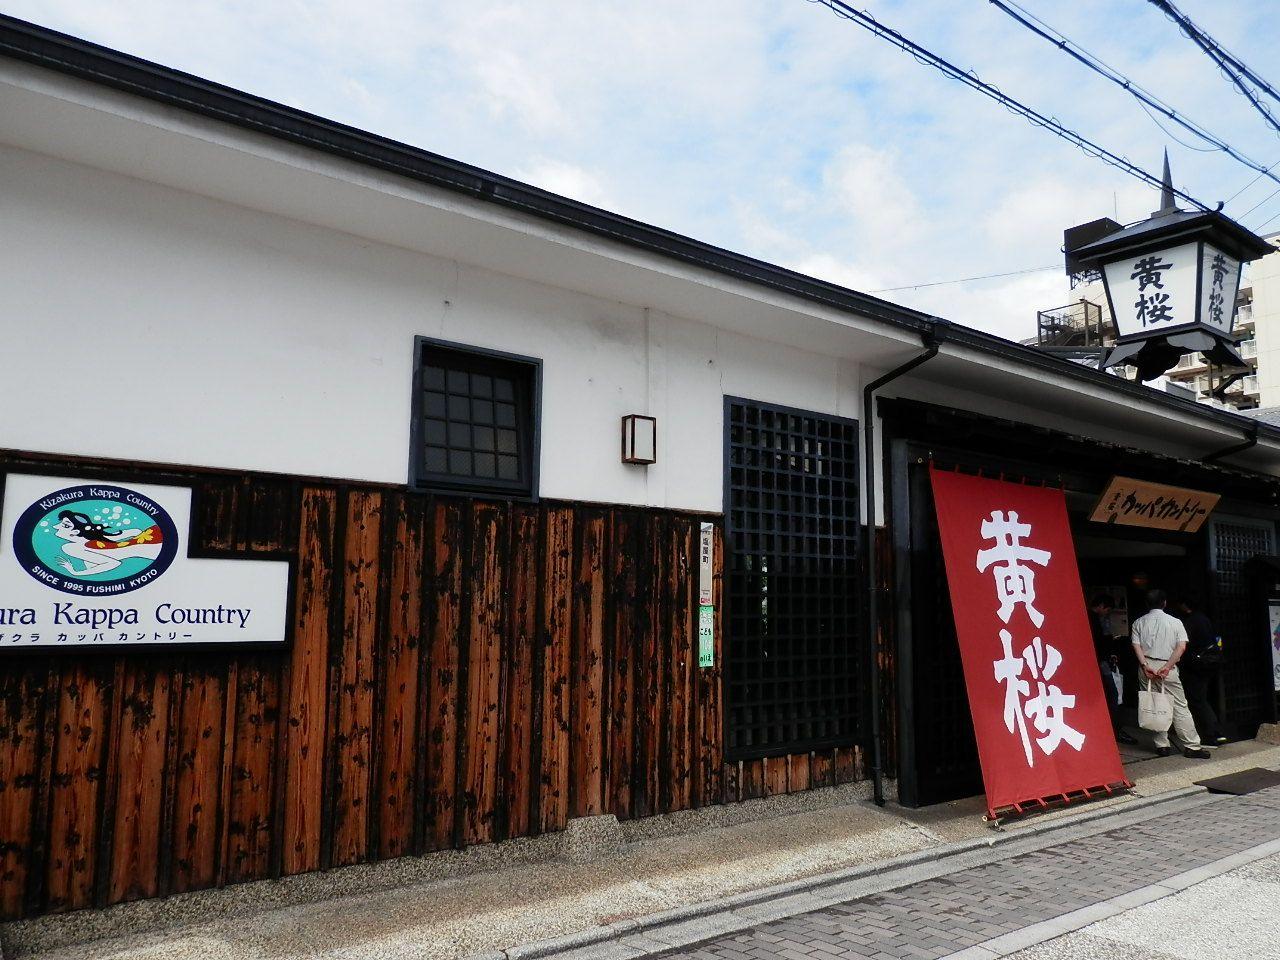 伏見は日本酒好きも、そうでない方もぜひ尋ねたい